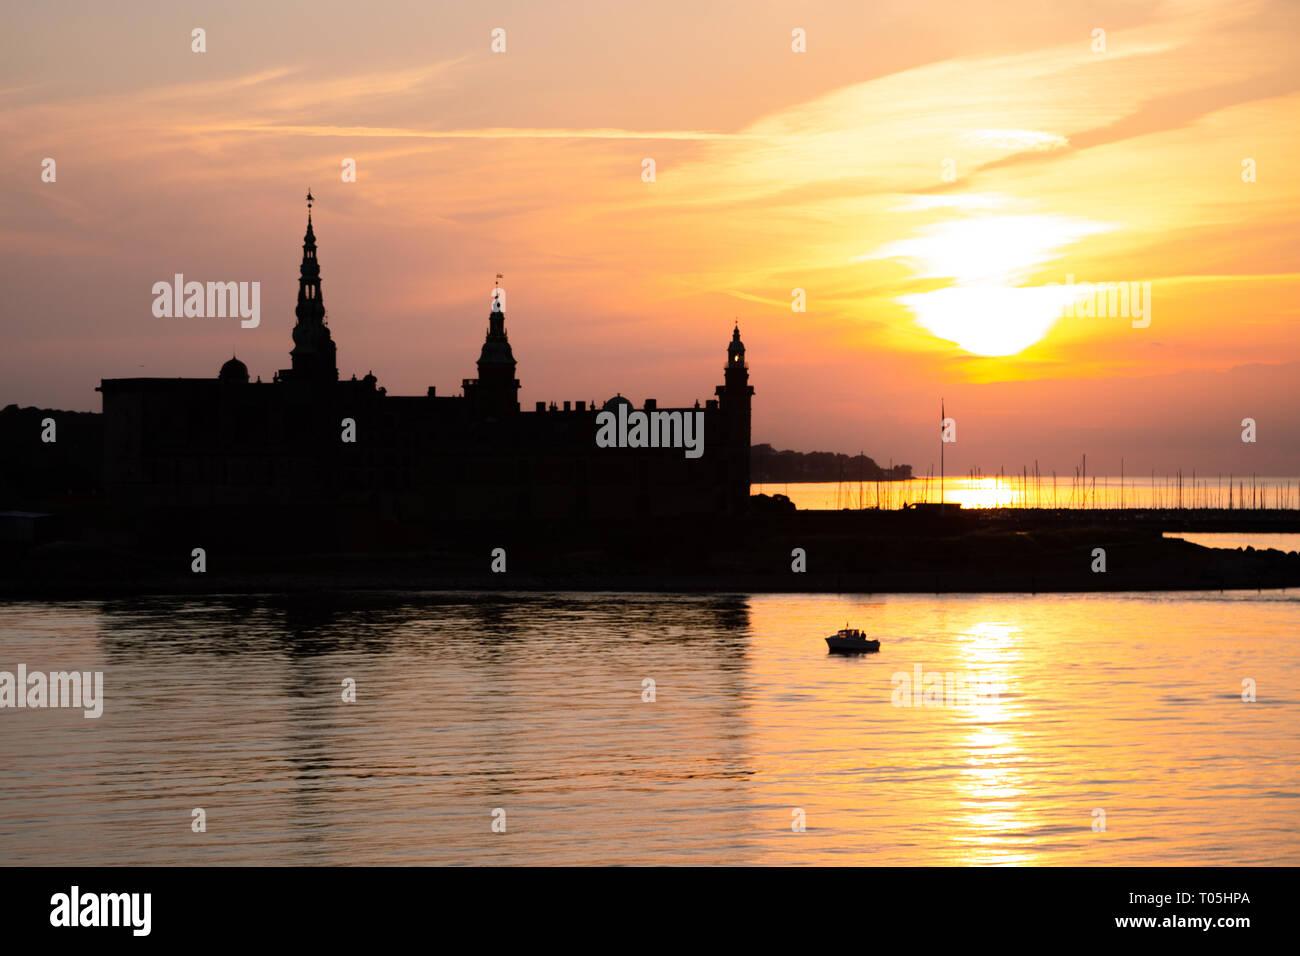 Kronborg castle silhouette in Helsingor at sunset - Stock Image